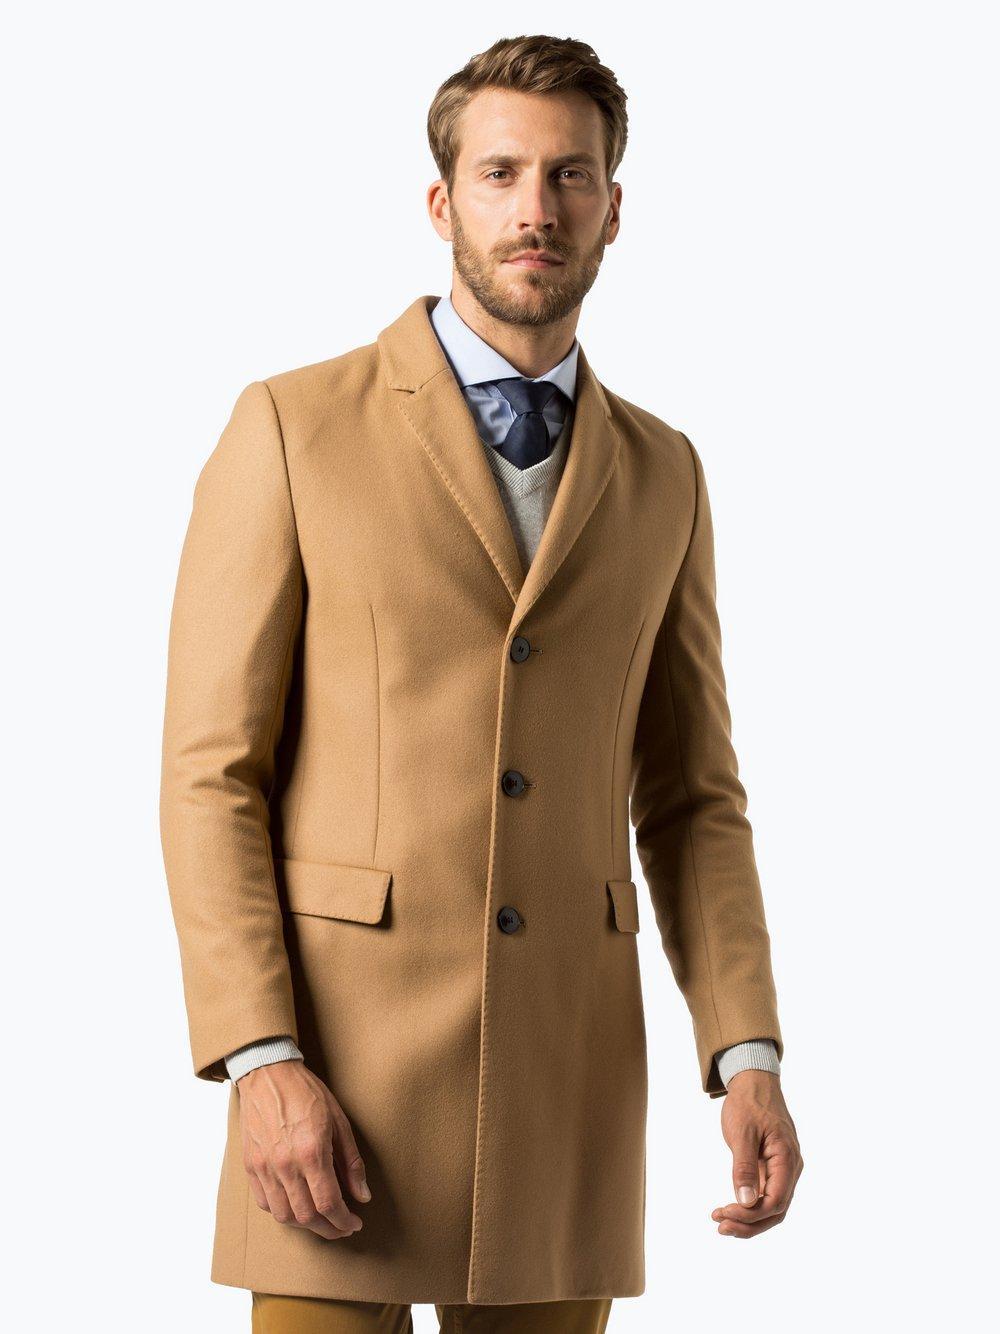 competitive price 2316c 3b0d3 HUGO Herren Mantel - Migor1841 online kaufen | VANGRAAF.COM